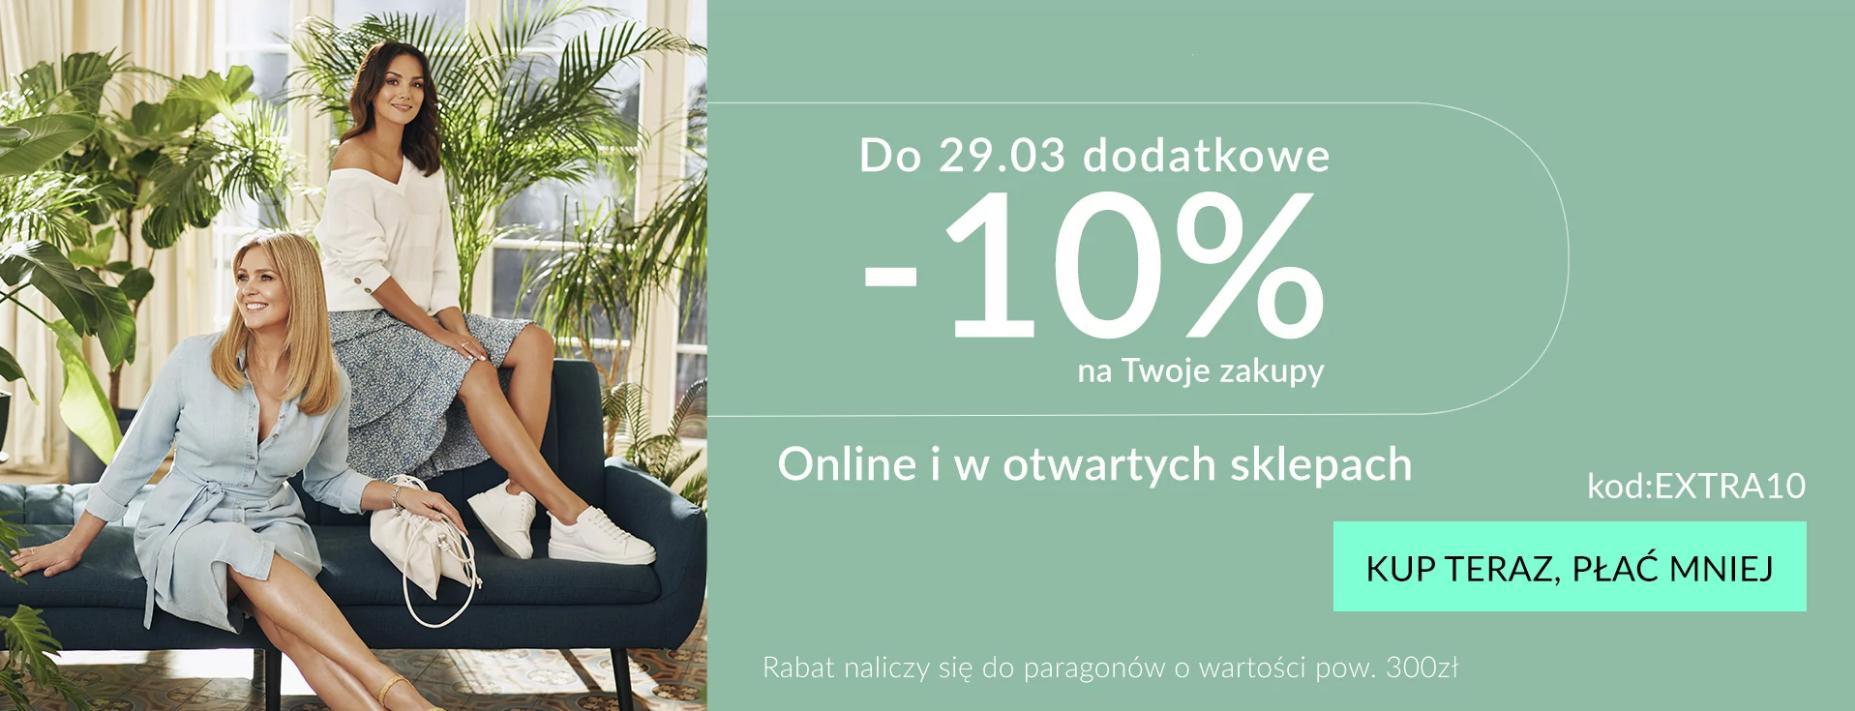 Quiosque: 10% zniżki na odzież damską przy zakupach za min. 300 zł